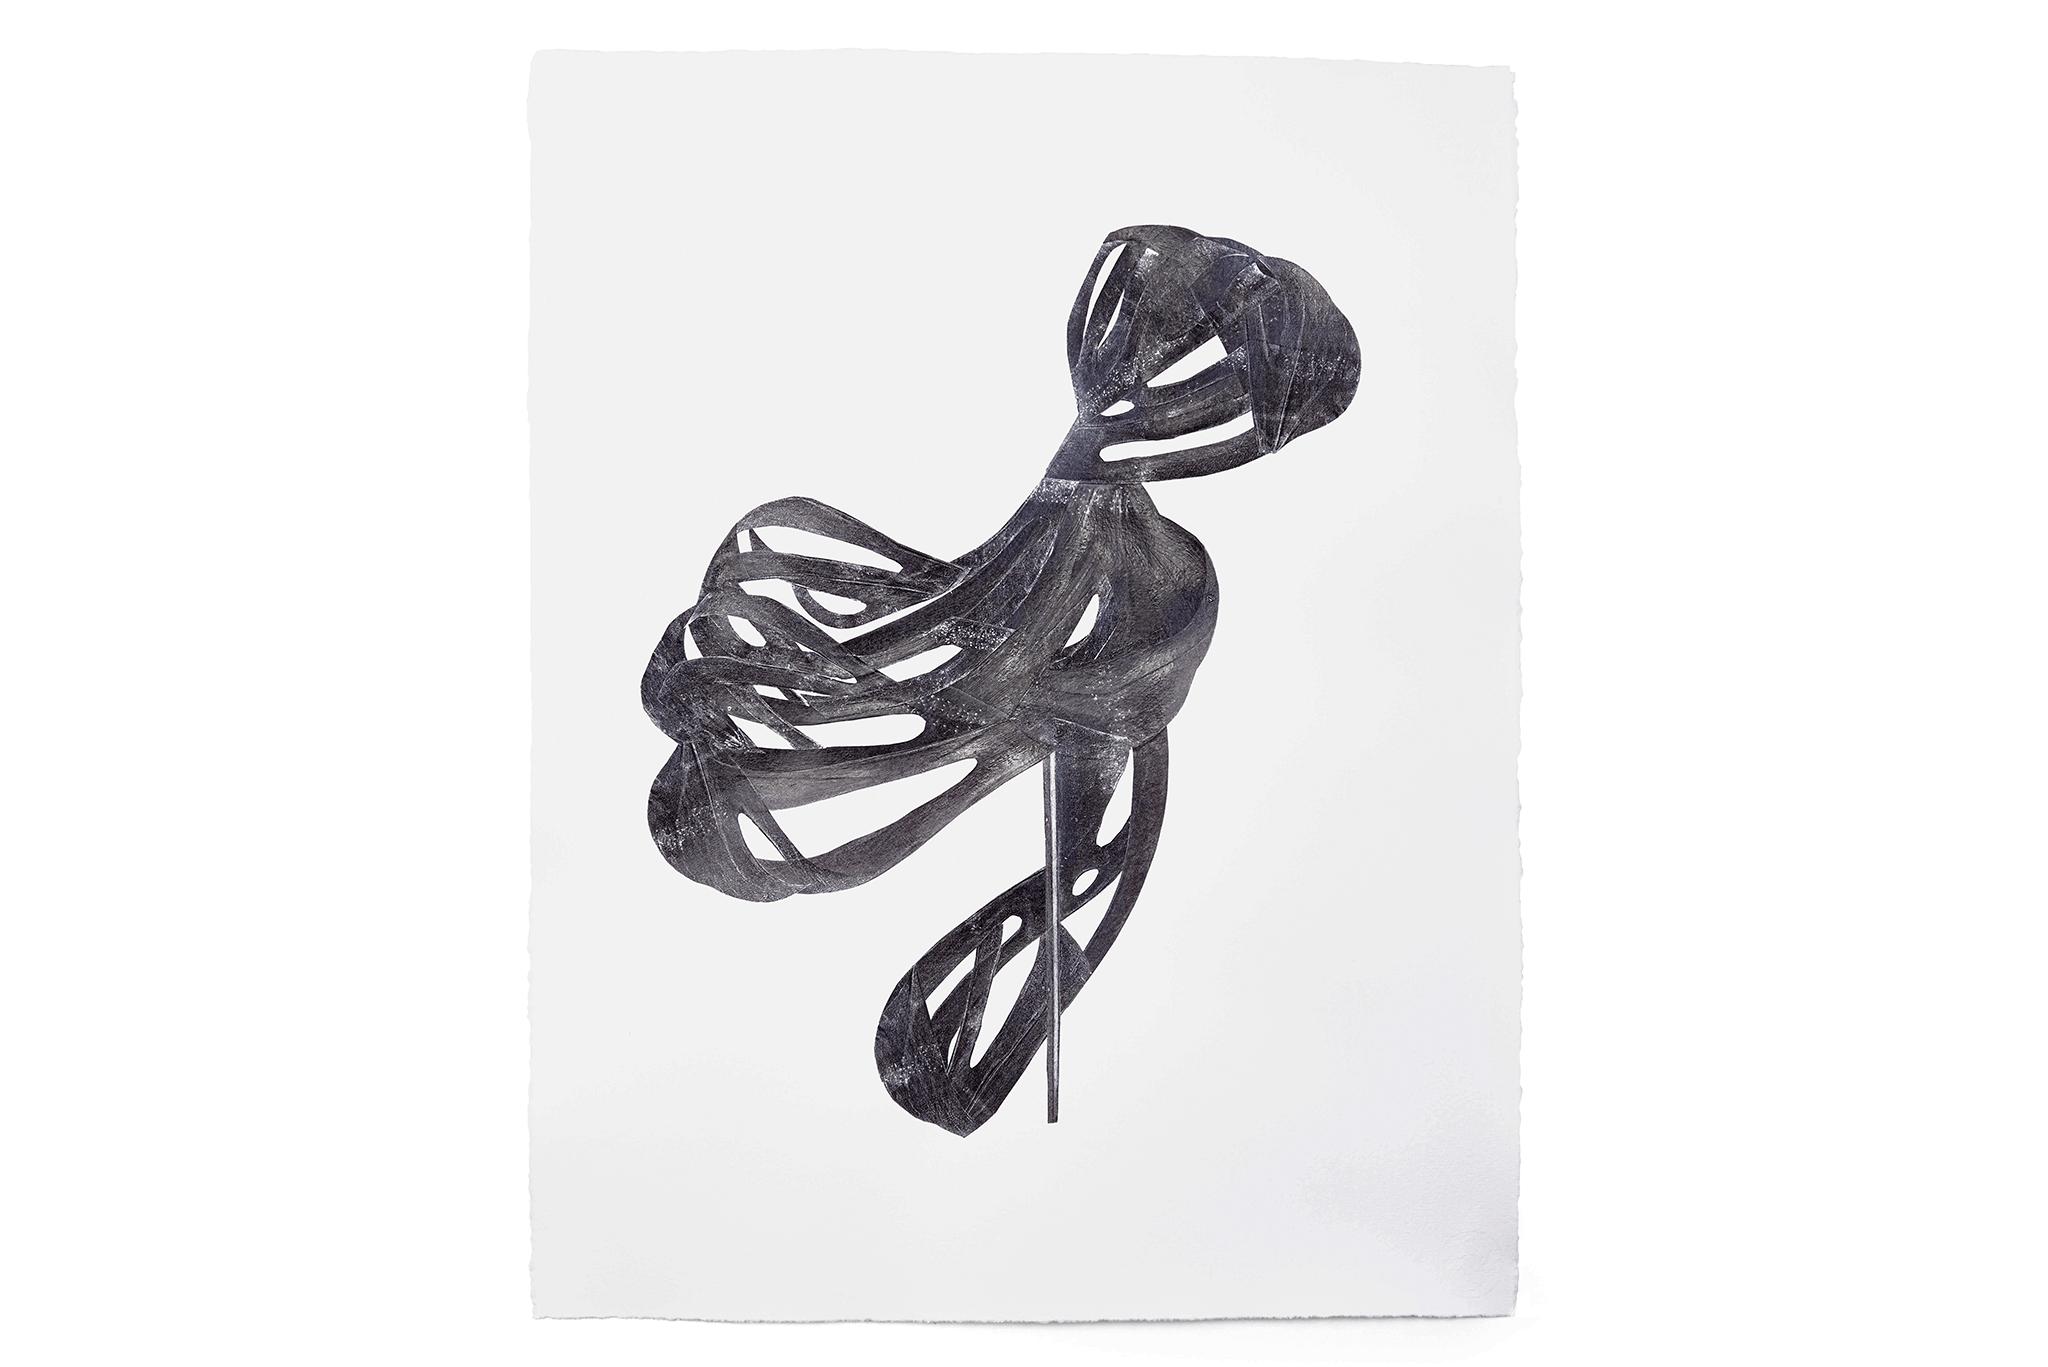 01_Frauke-Dannert_Collage_Ausstellung_Folie_Galerie-Lisa-Kandlhofer_Wien_2018